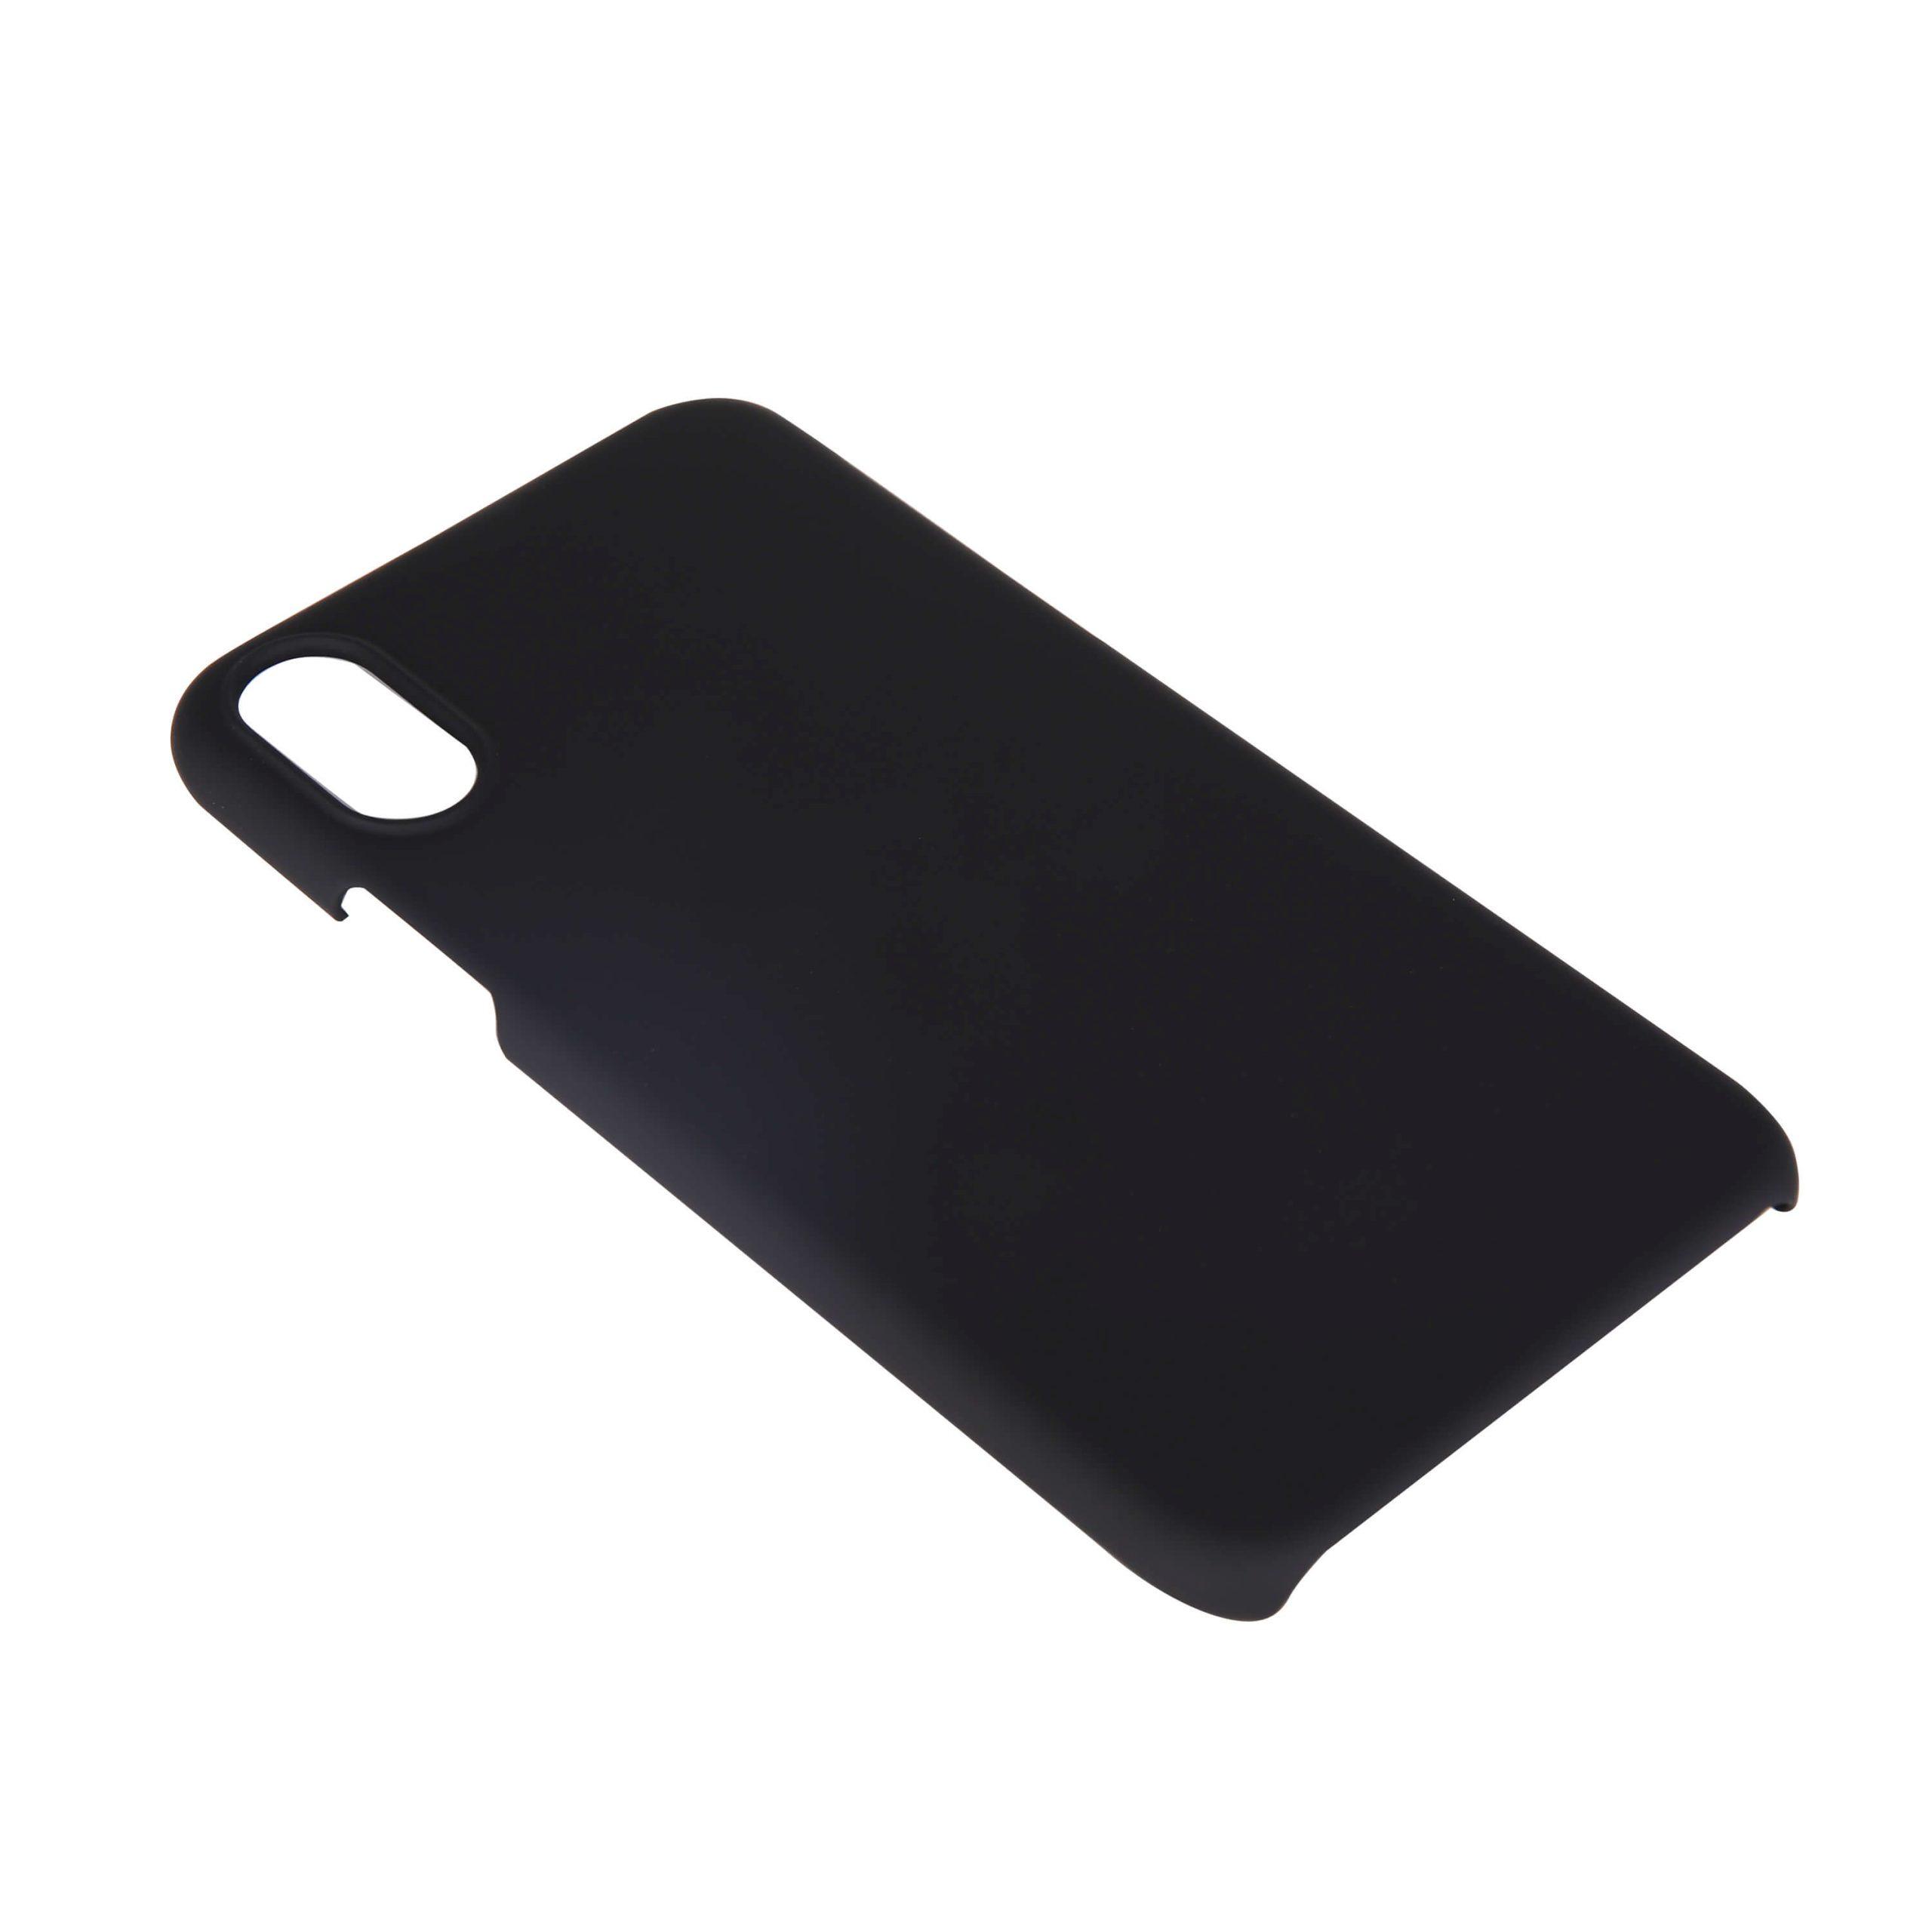 GEAR iPhone X/Xs Mobilskal Svart